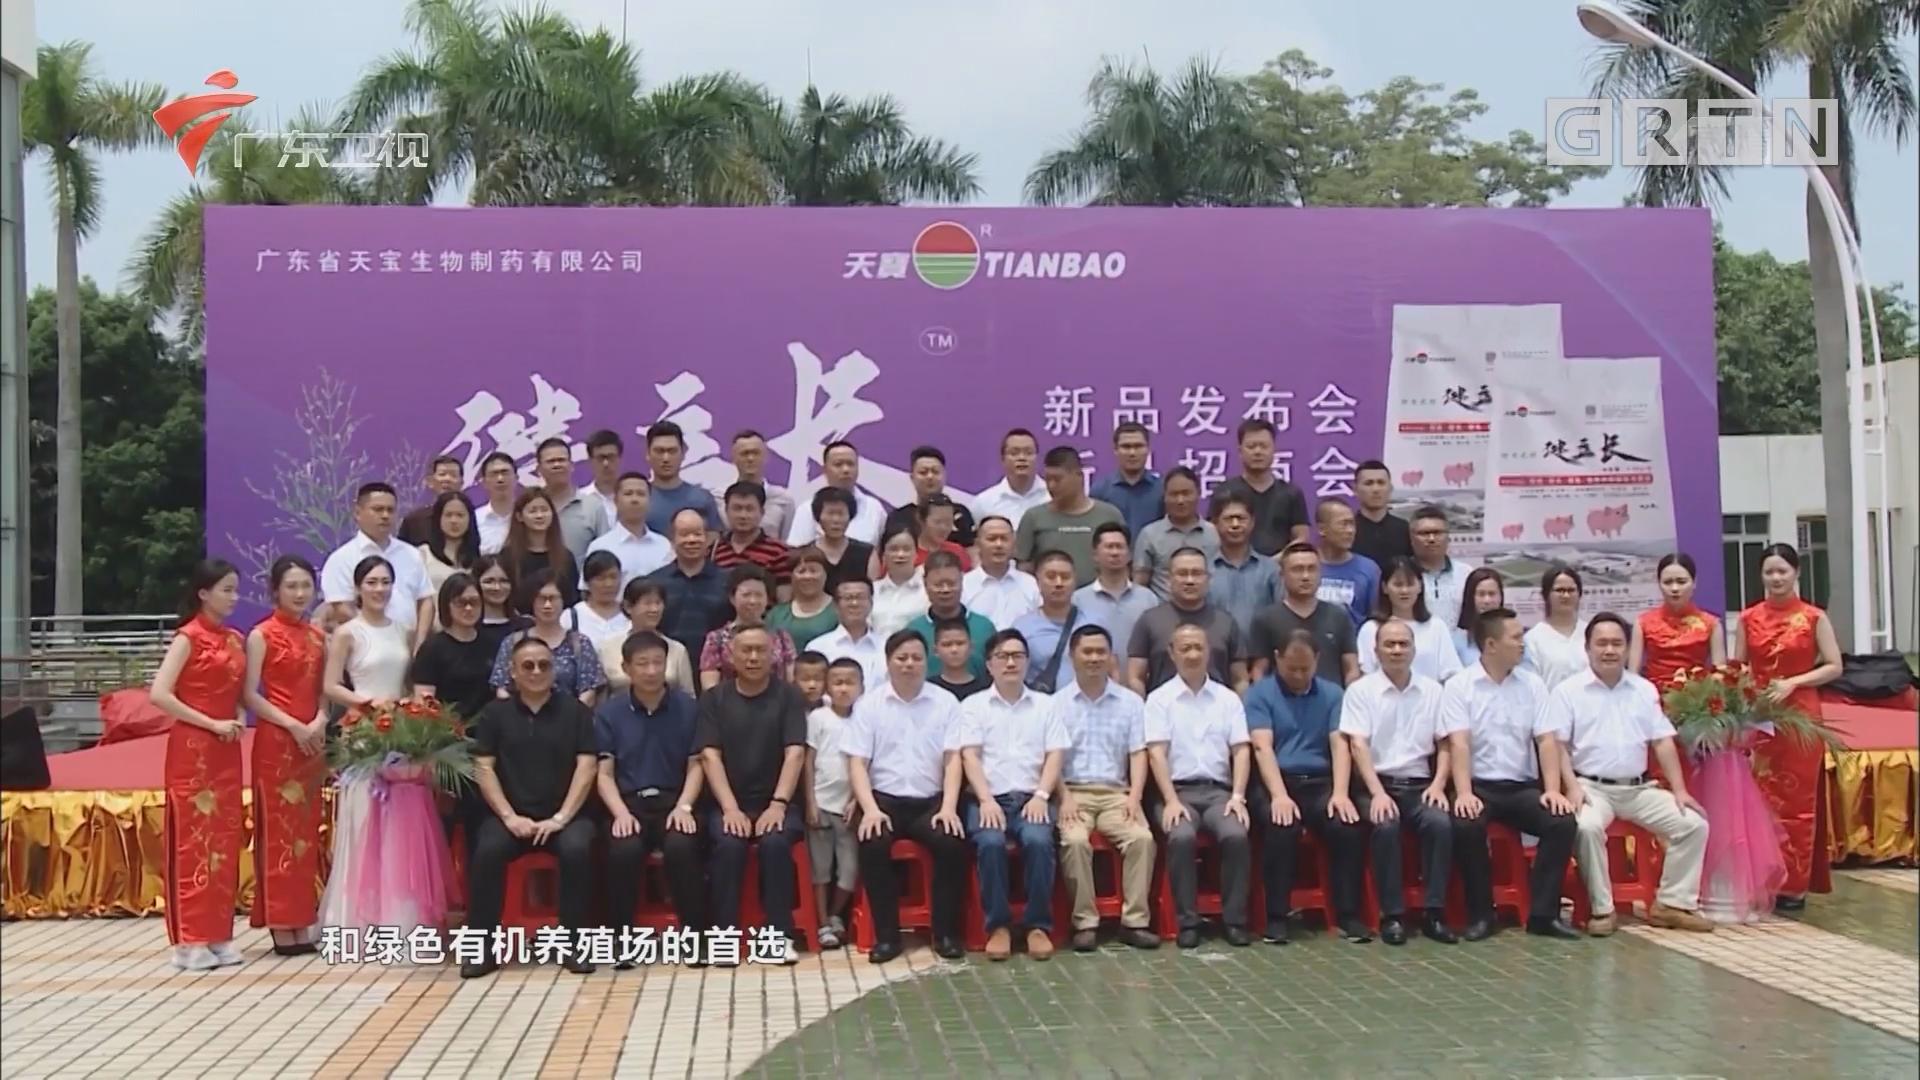 云浮:建立长助中国绿色有机养殖业发展